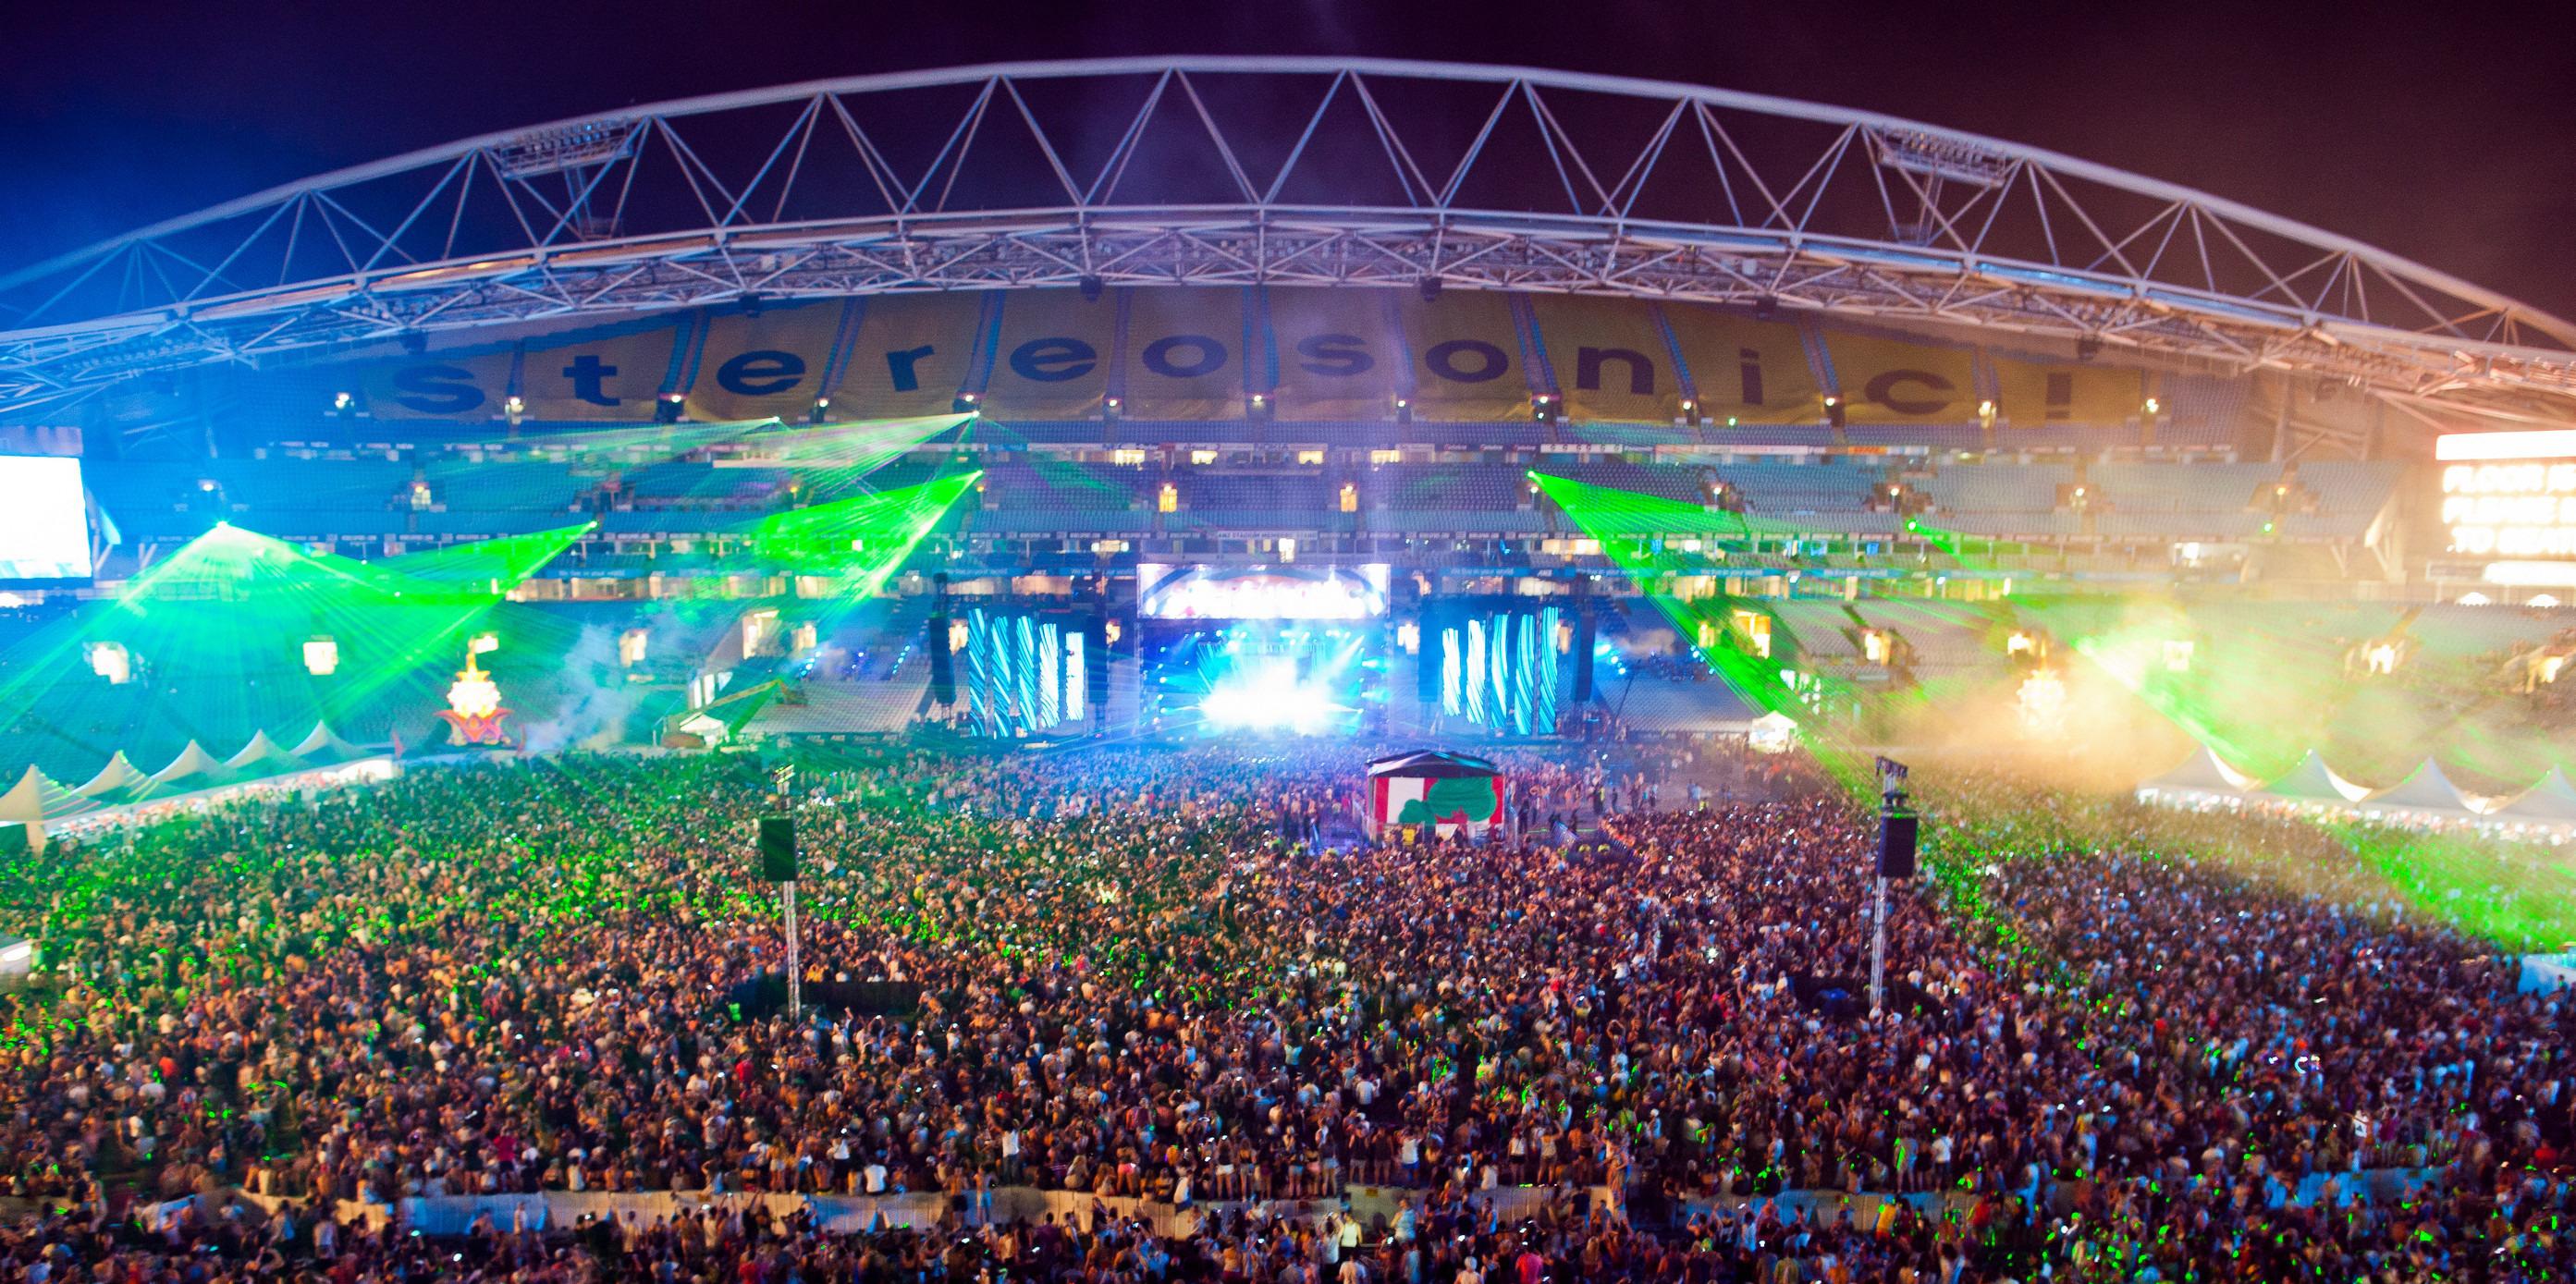 Stereosonic, Australia